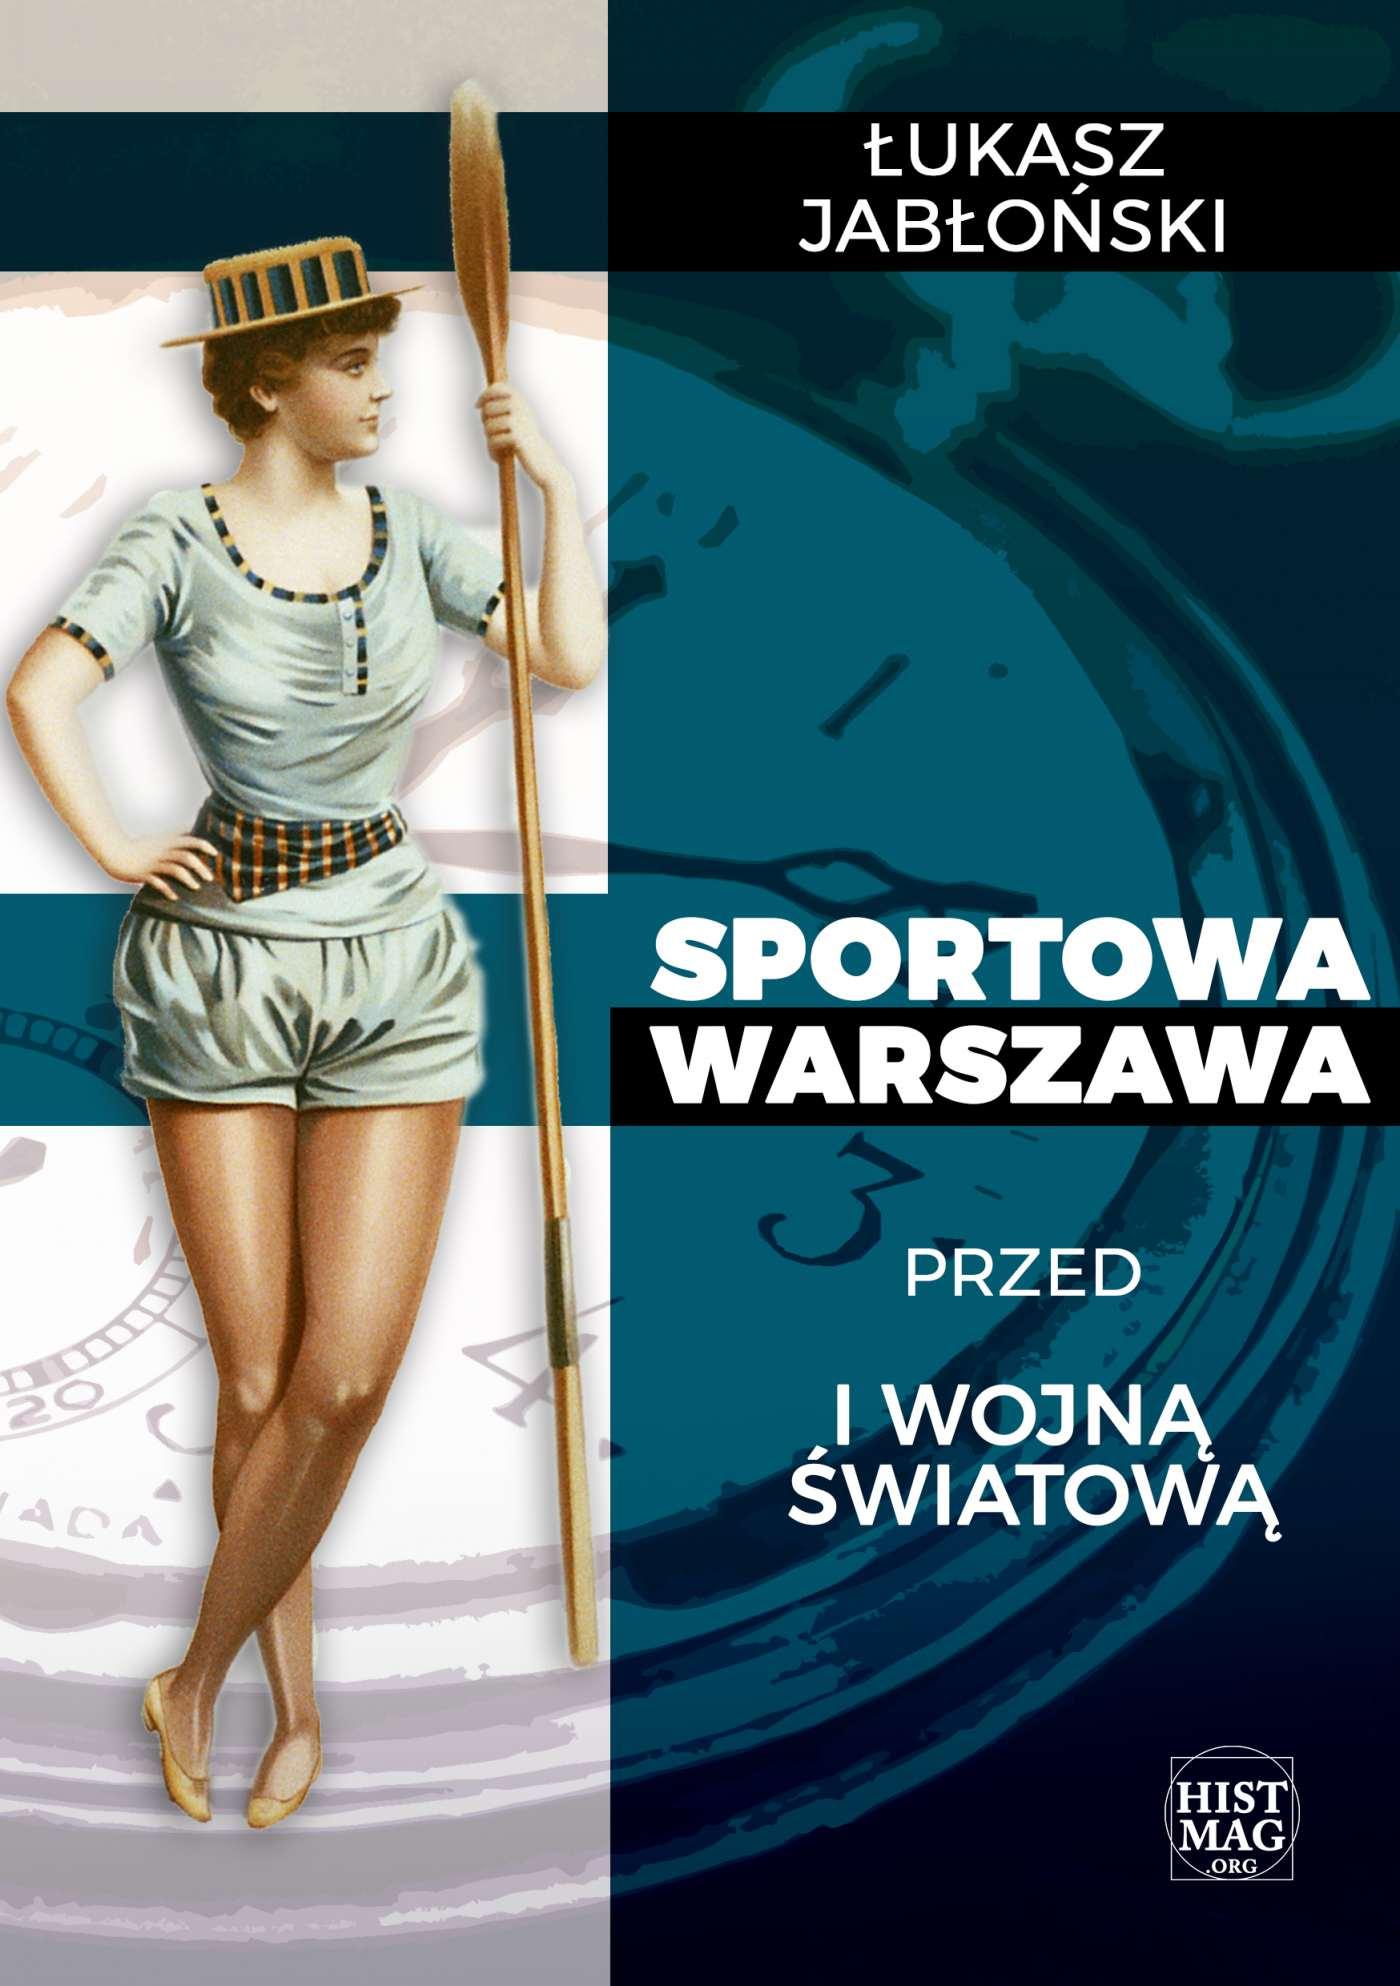 Sportowa Warszawa przed I wojną światową - Ebook (Książka na Kindle) do pobrania w formacie MOBI